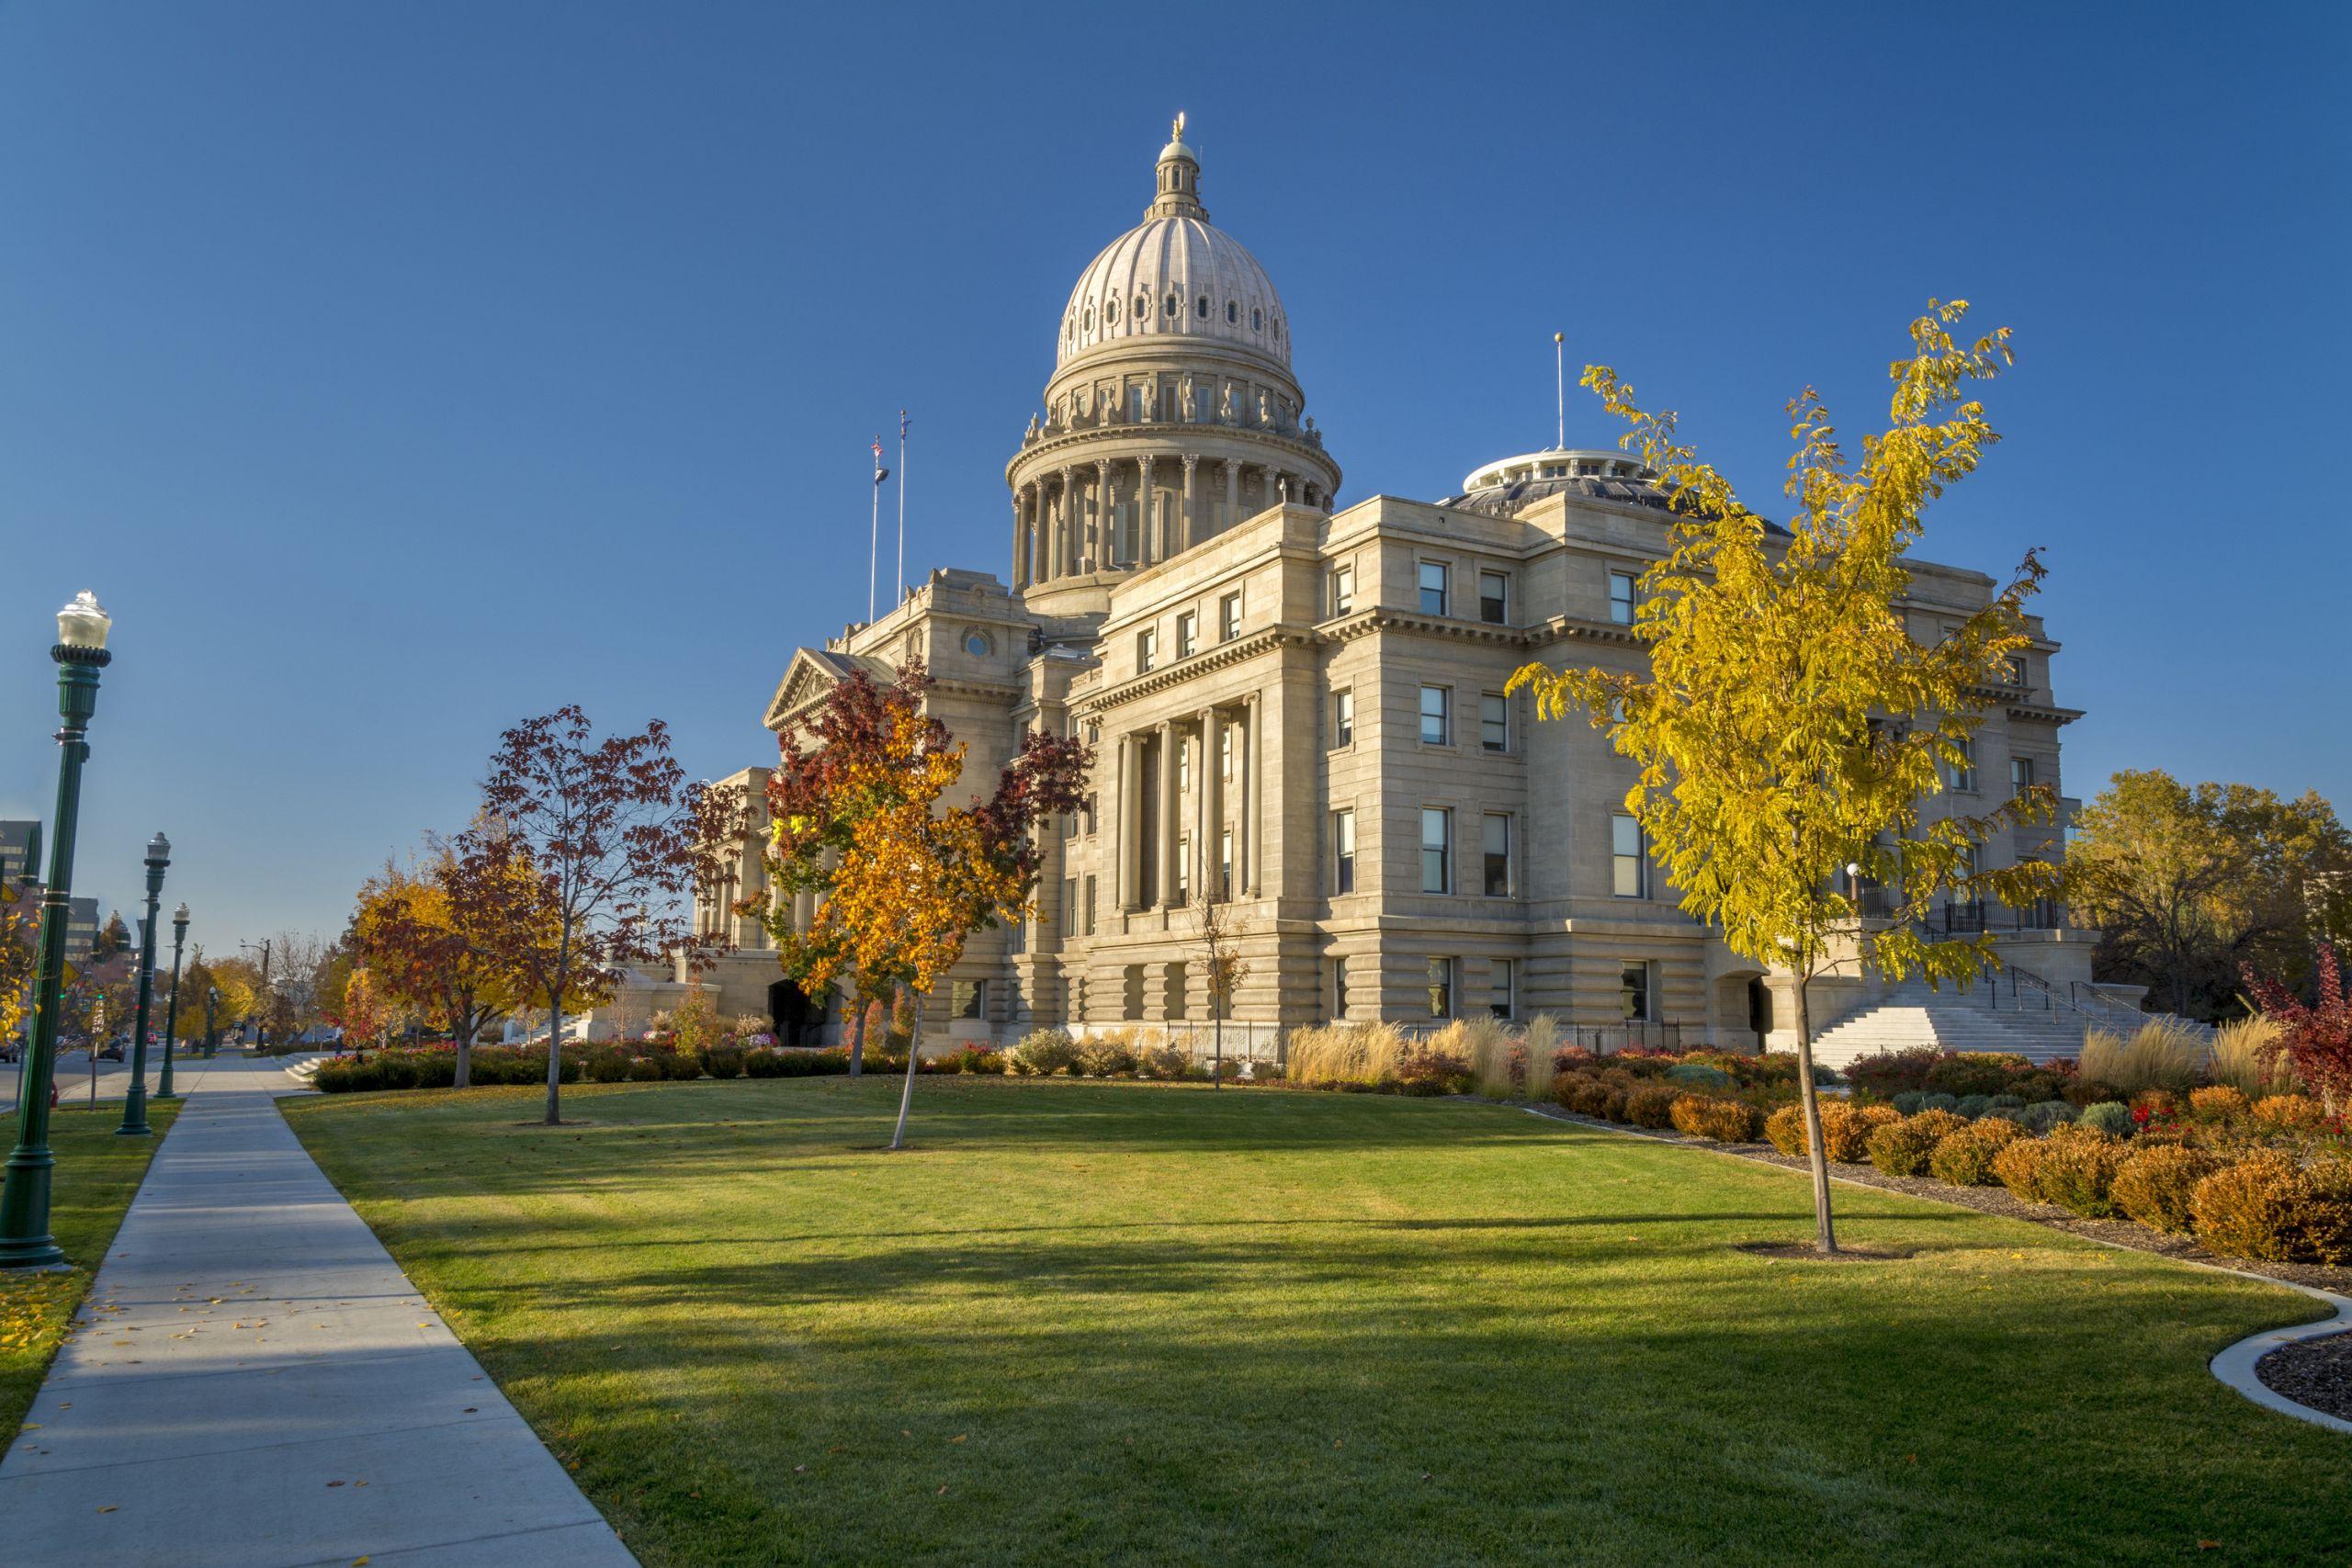 Boise's Capitol